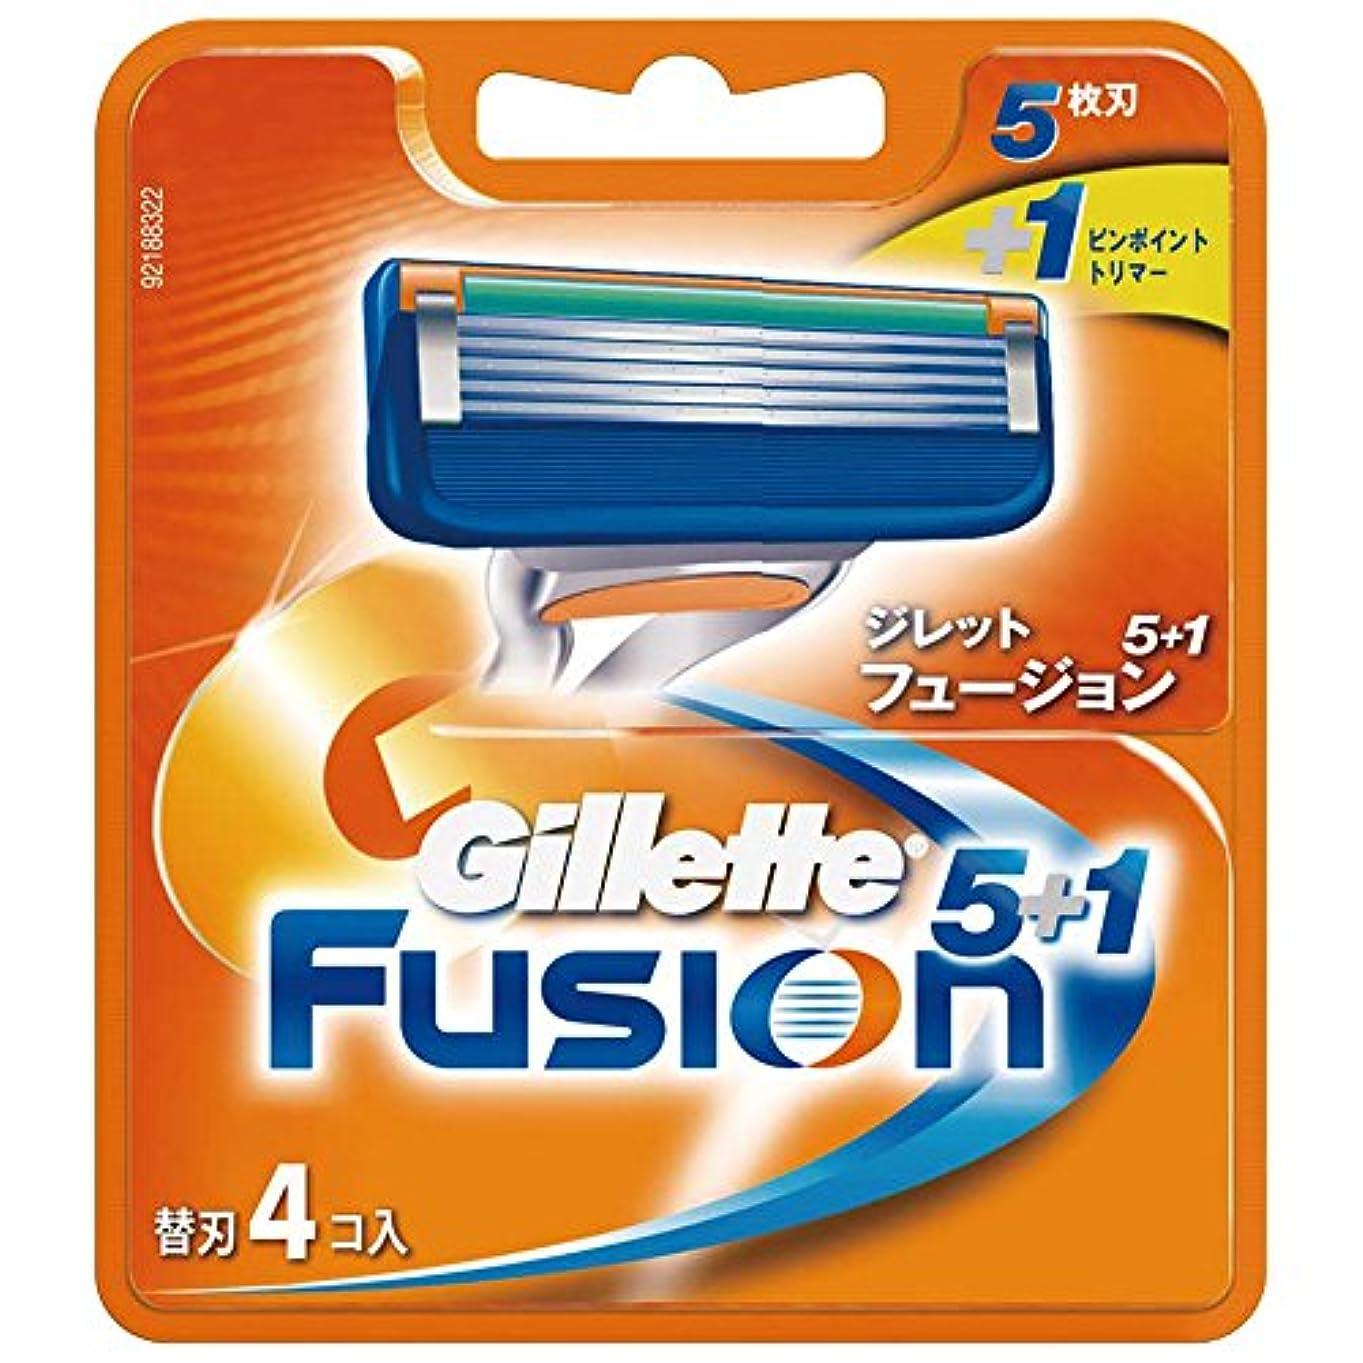 非常に怒っていますアピール研磨ジレット 髭剃り フュージョン5+1 替刃4個入